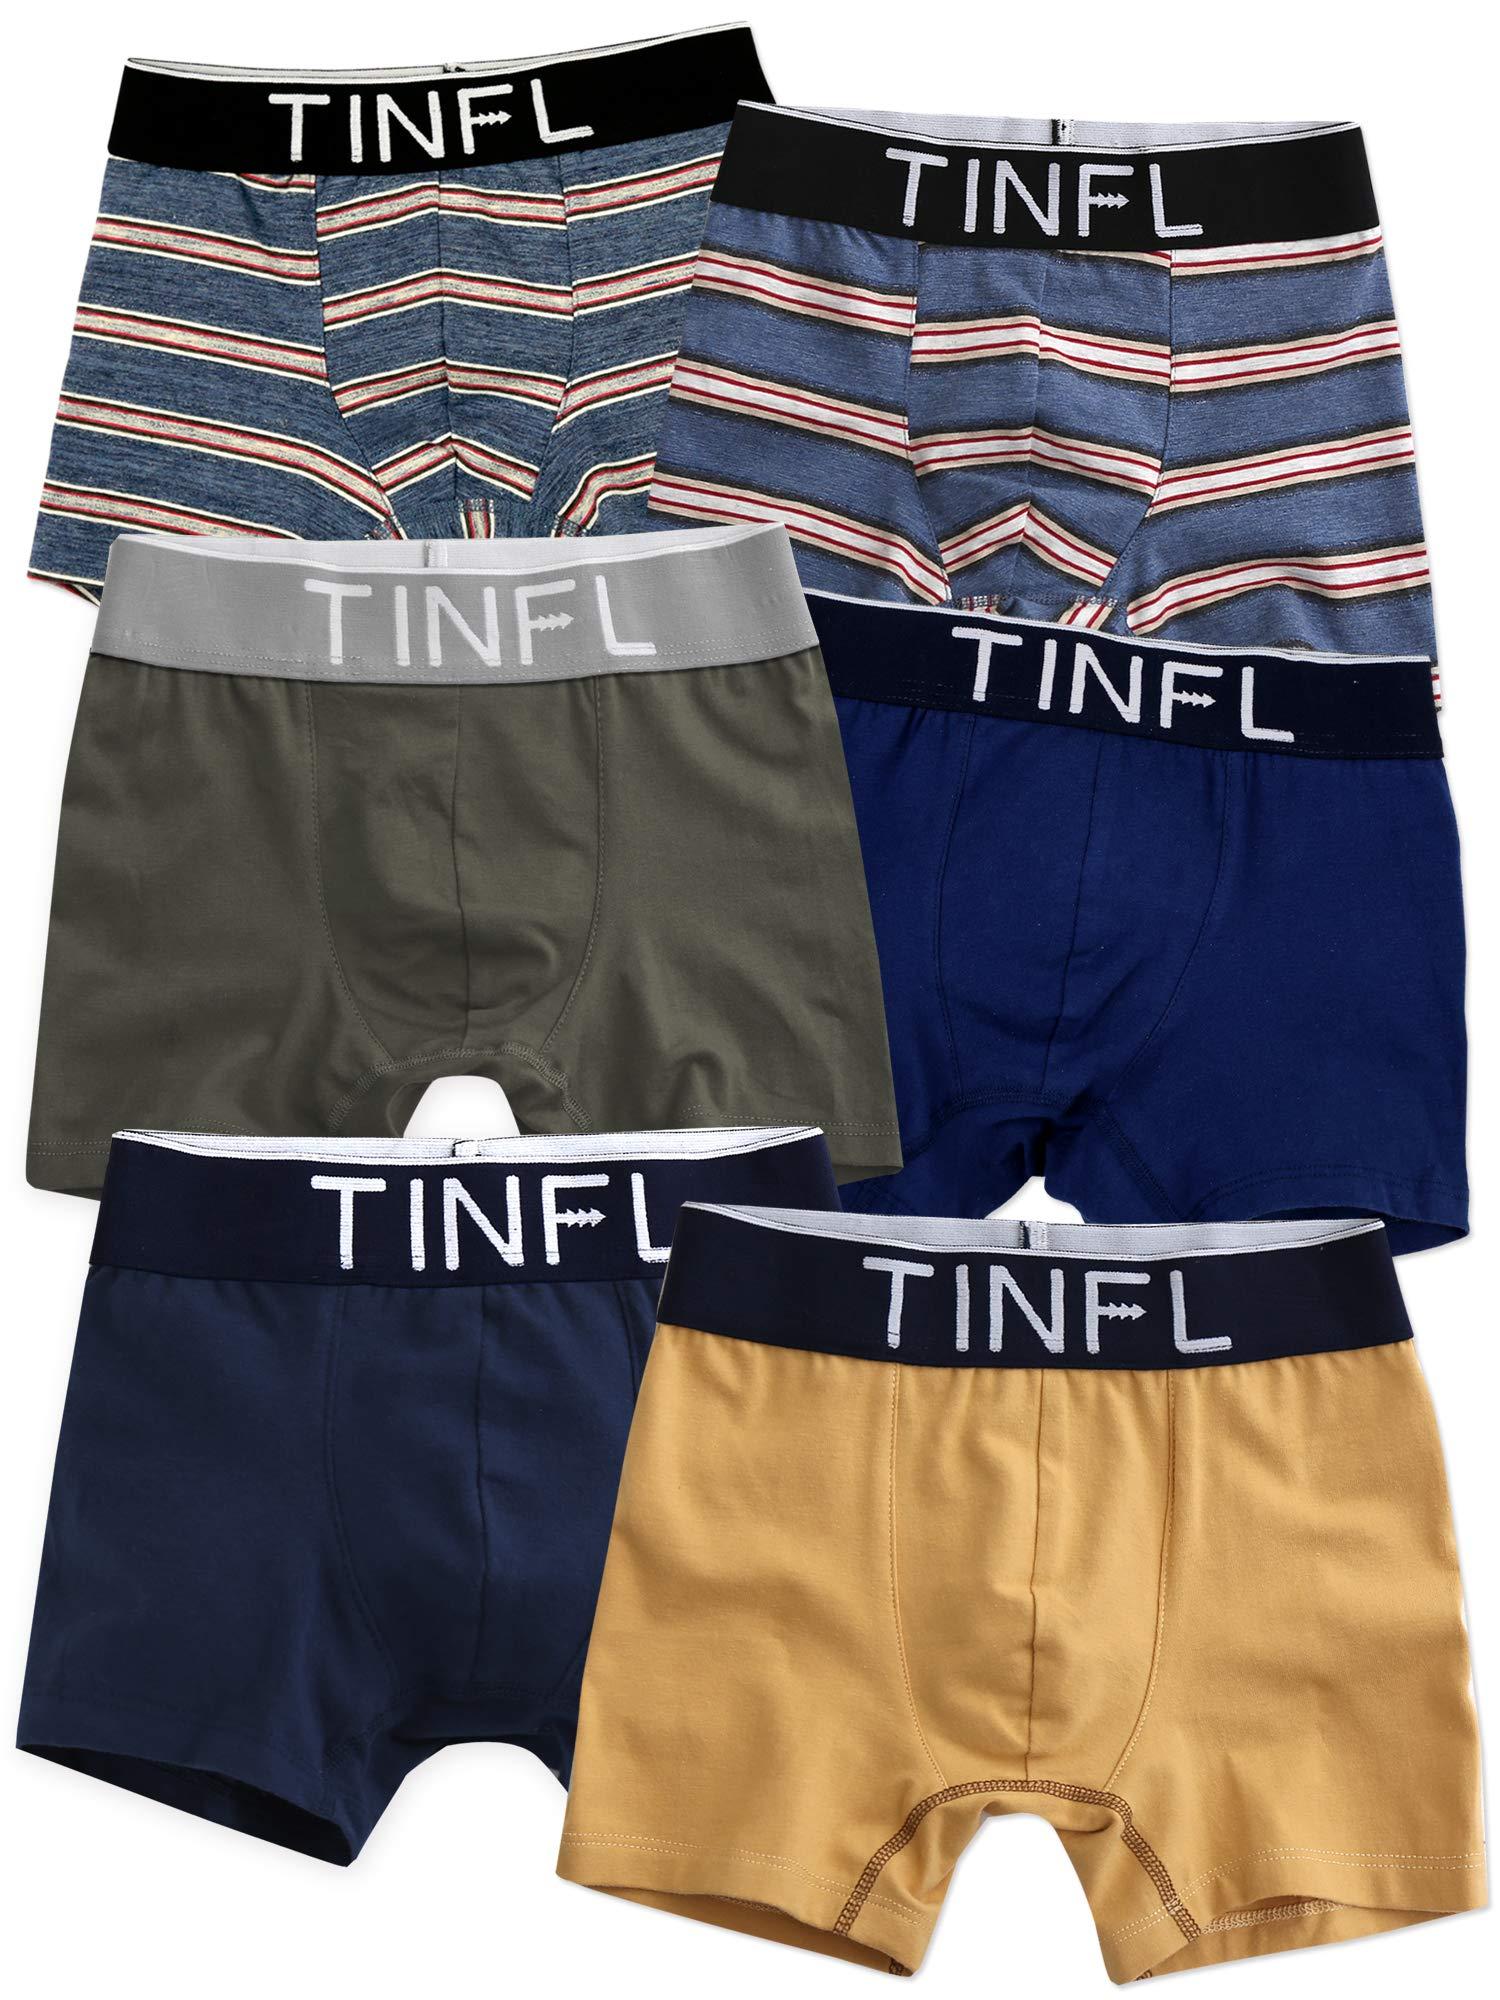 TINFL Big Boys Boxer Briefs 6-Pack Underwear Set TD-011 M